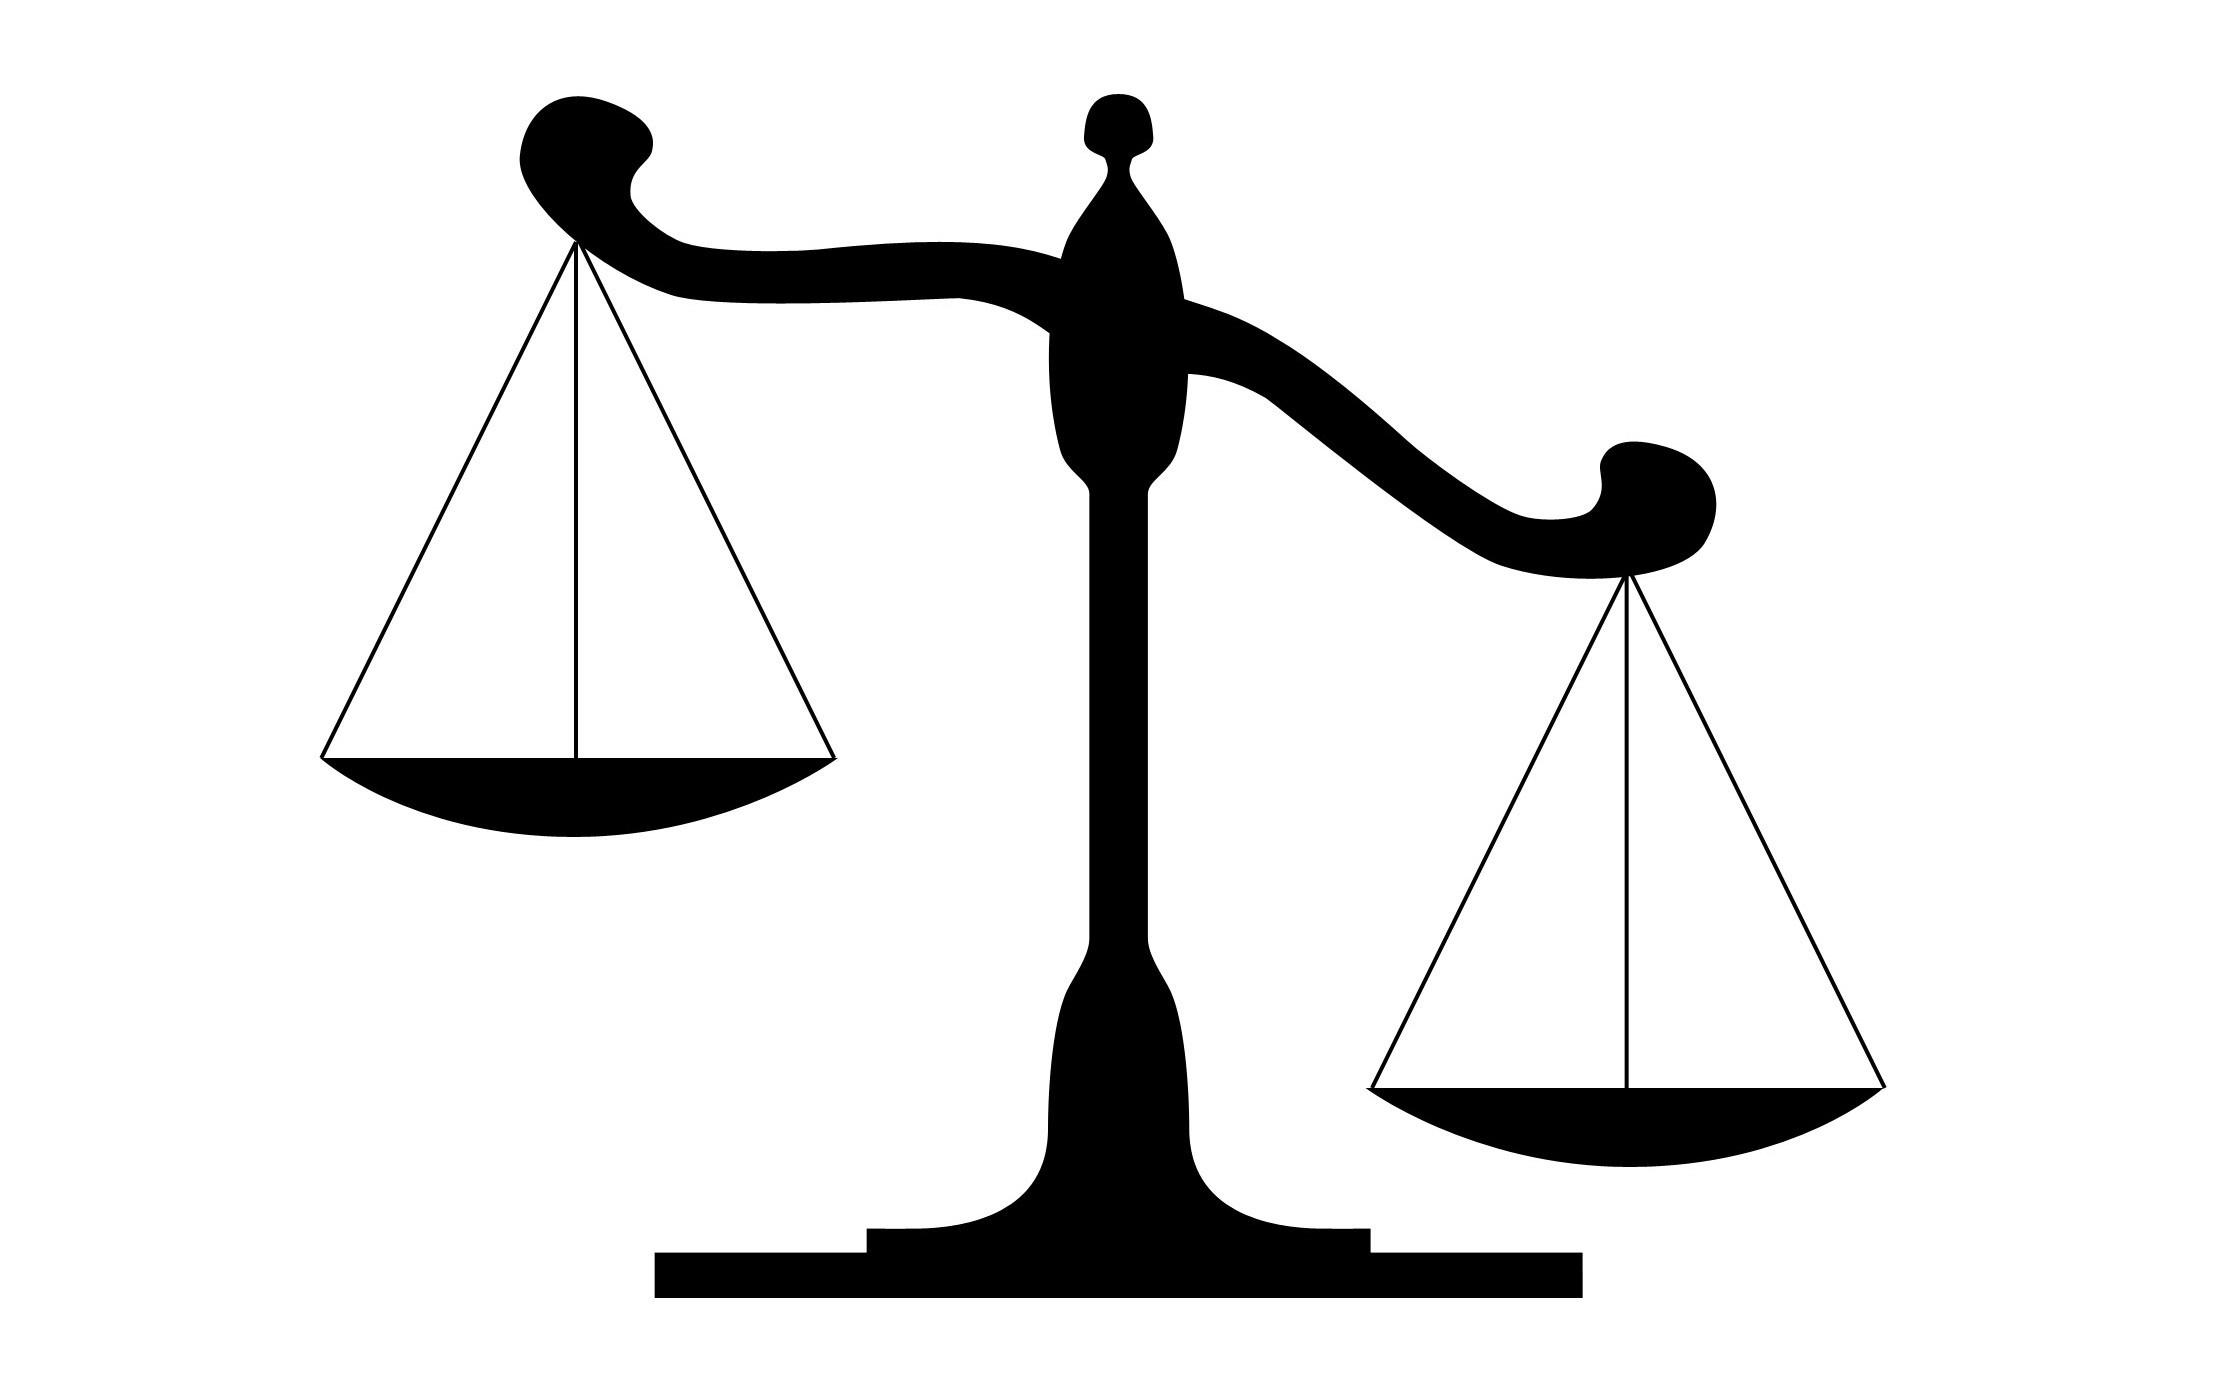 Scale clipart supreme court #9